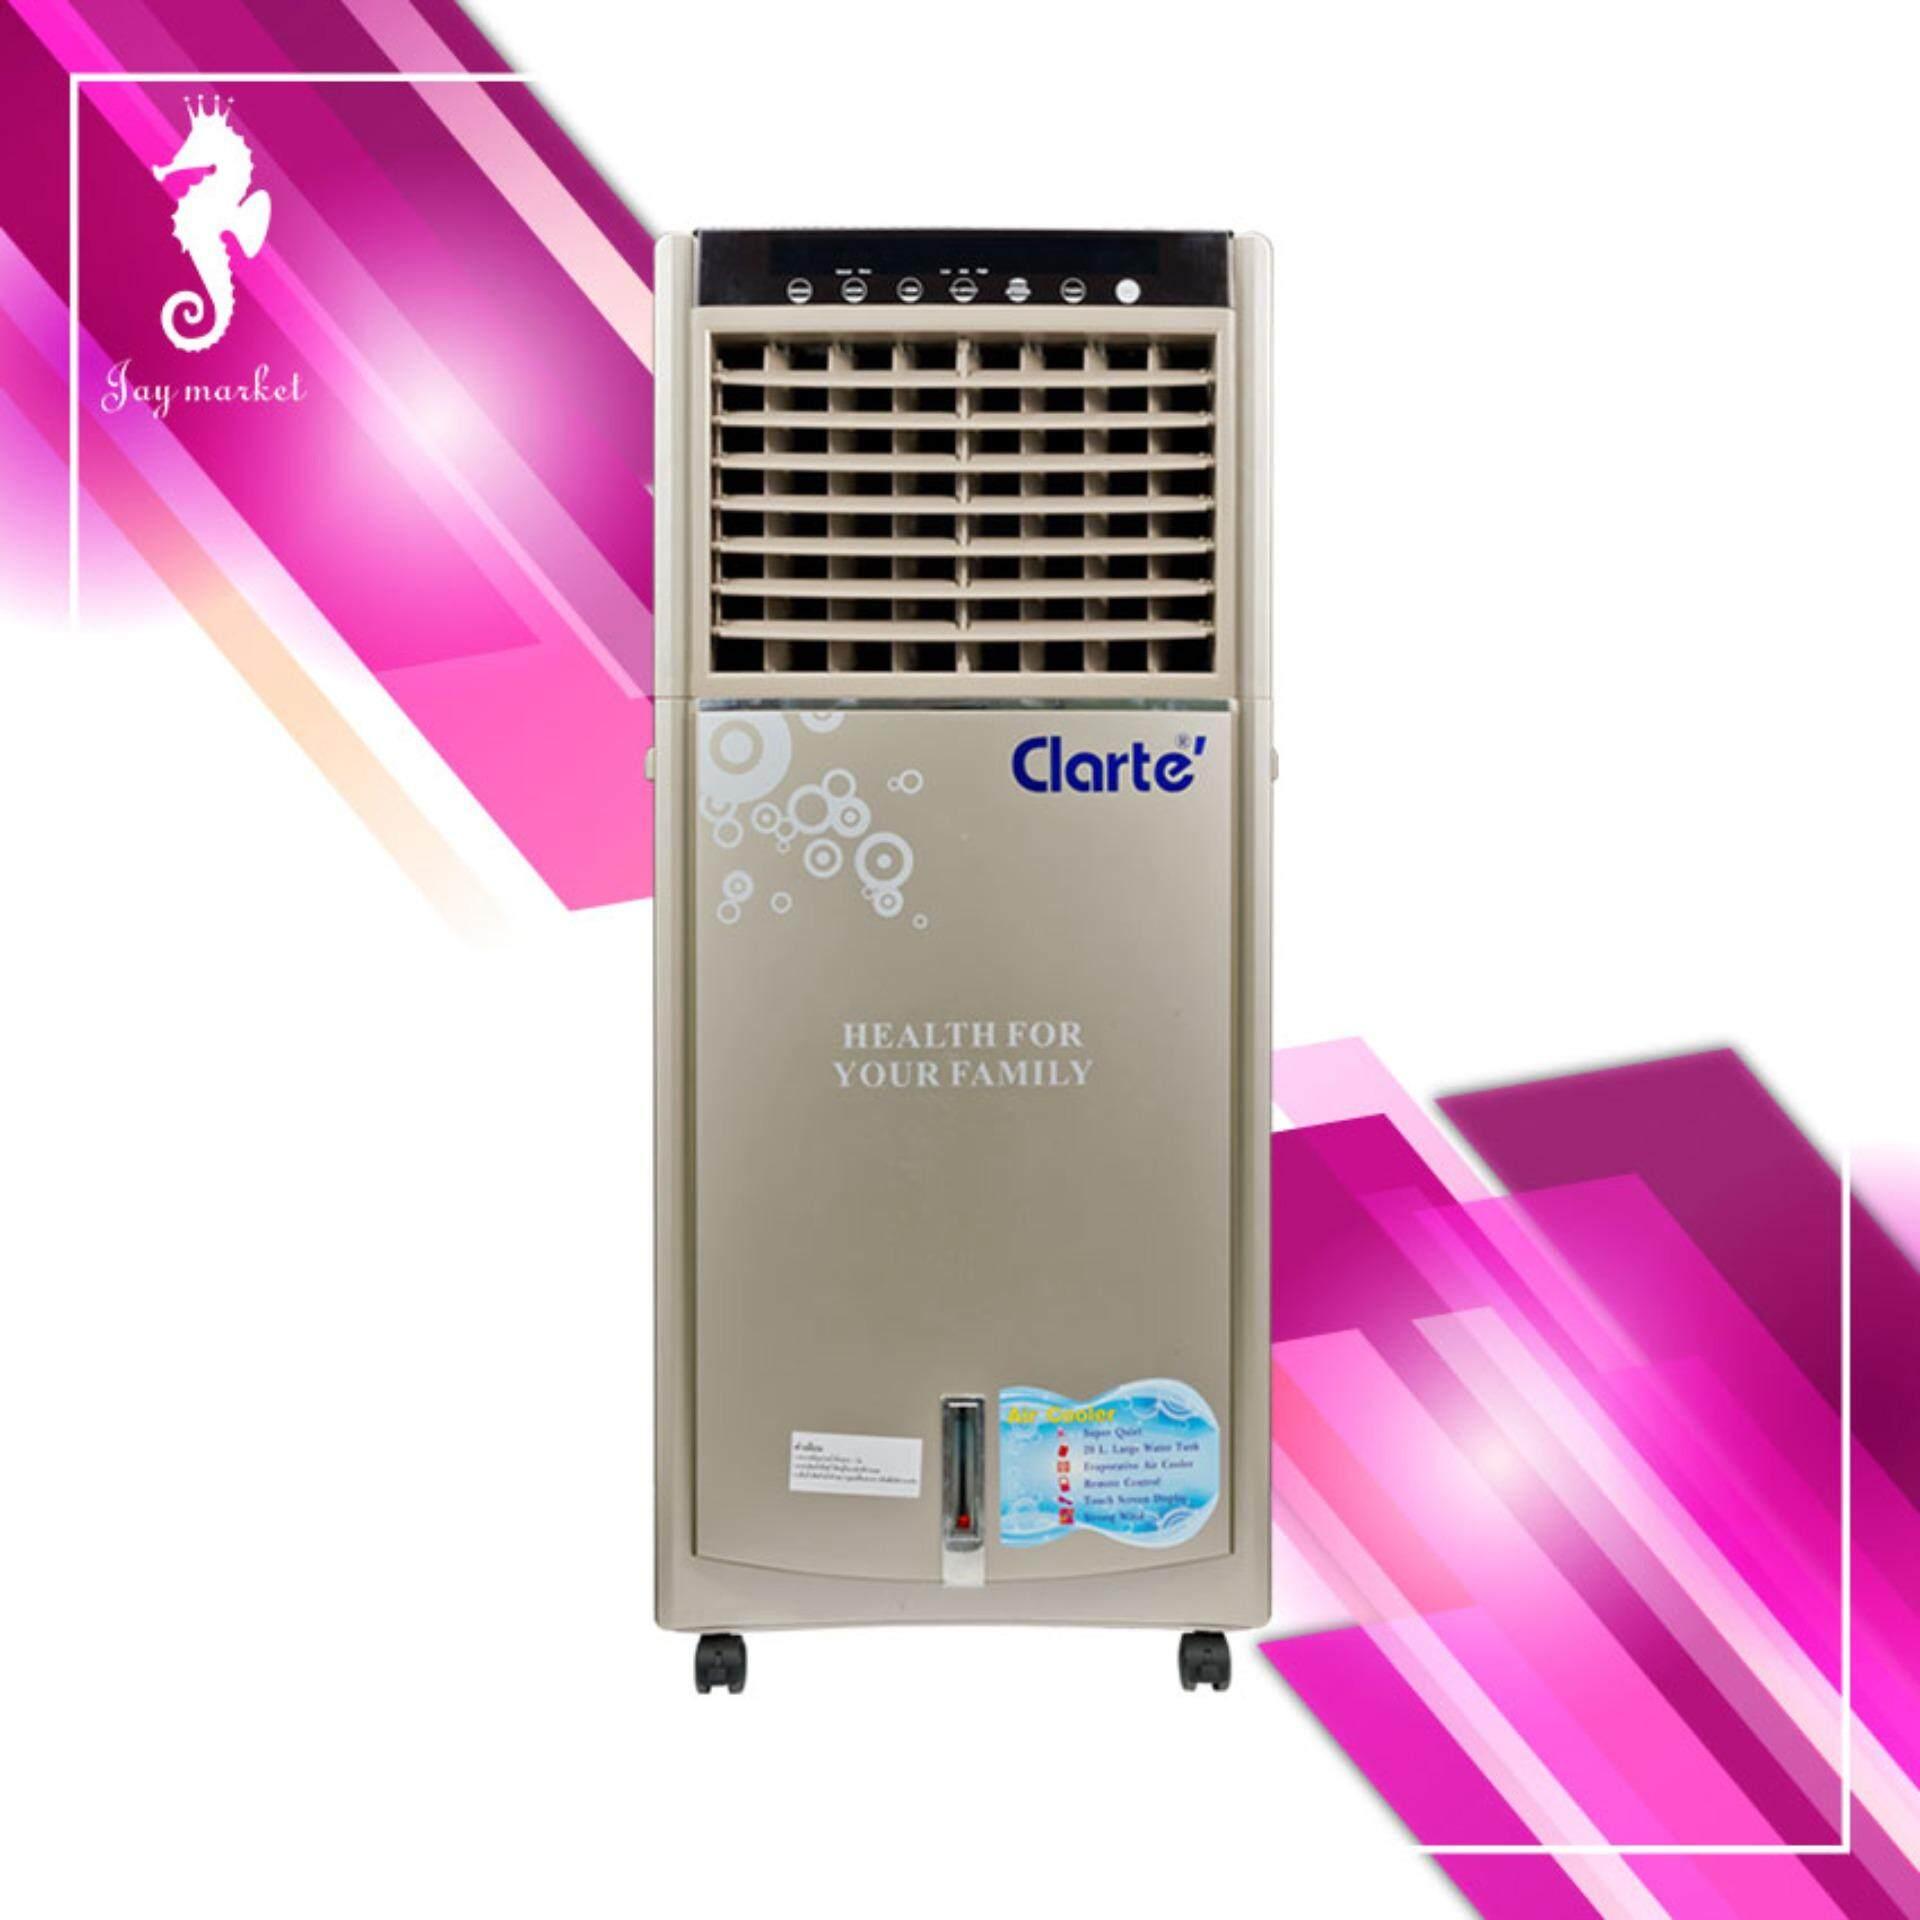 ข้อมูล  Clarte' พัดลมไอเย็น  รุ่น CT901AC ได้ที่ไหน